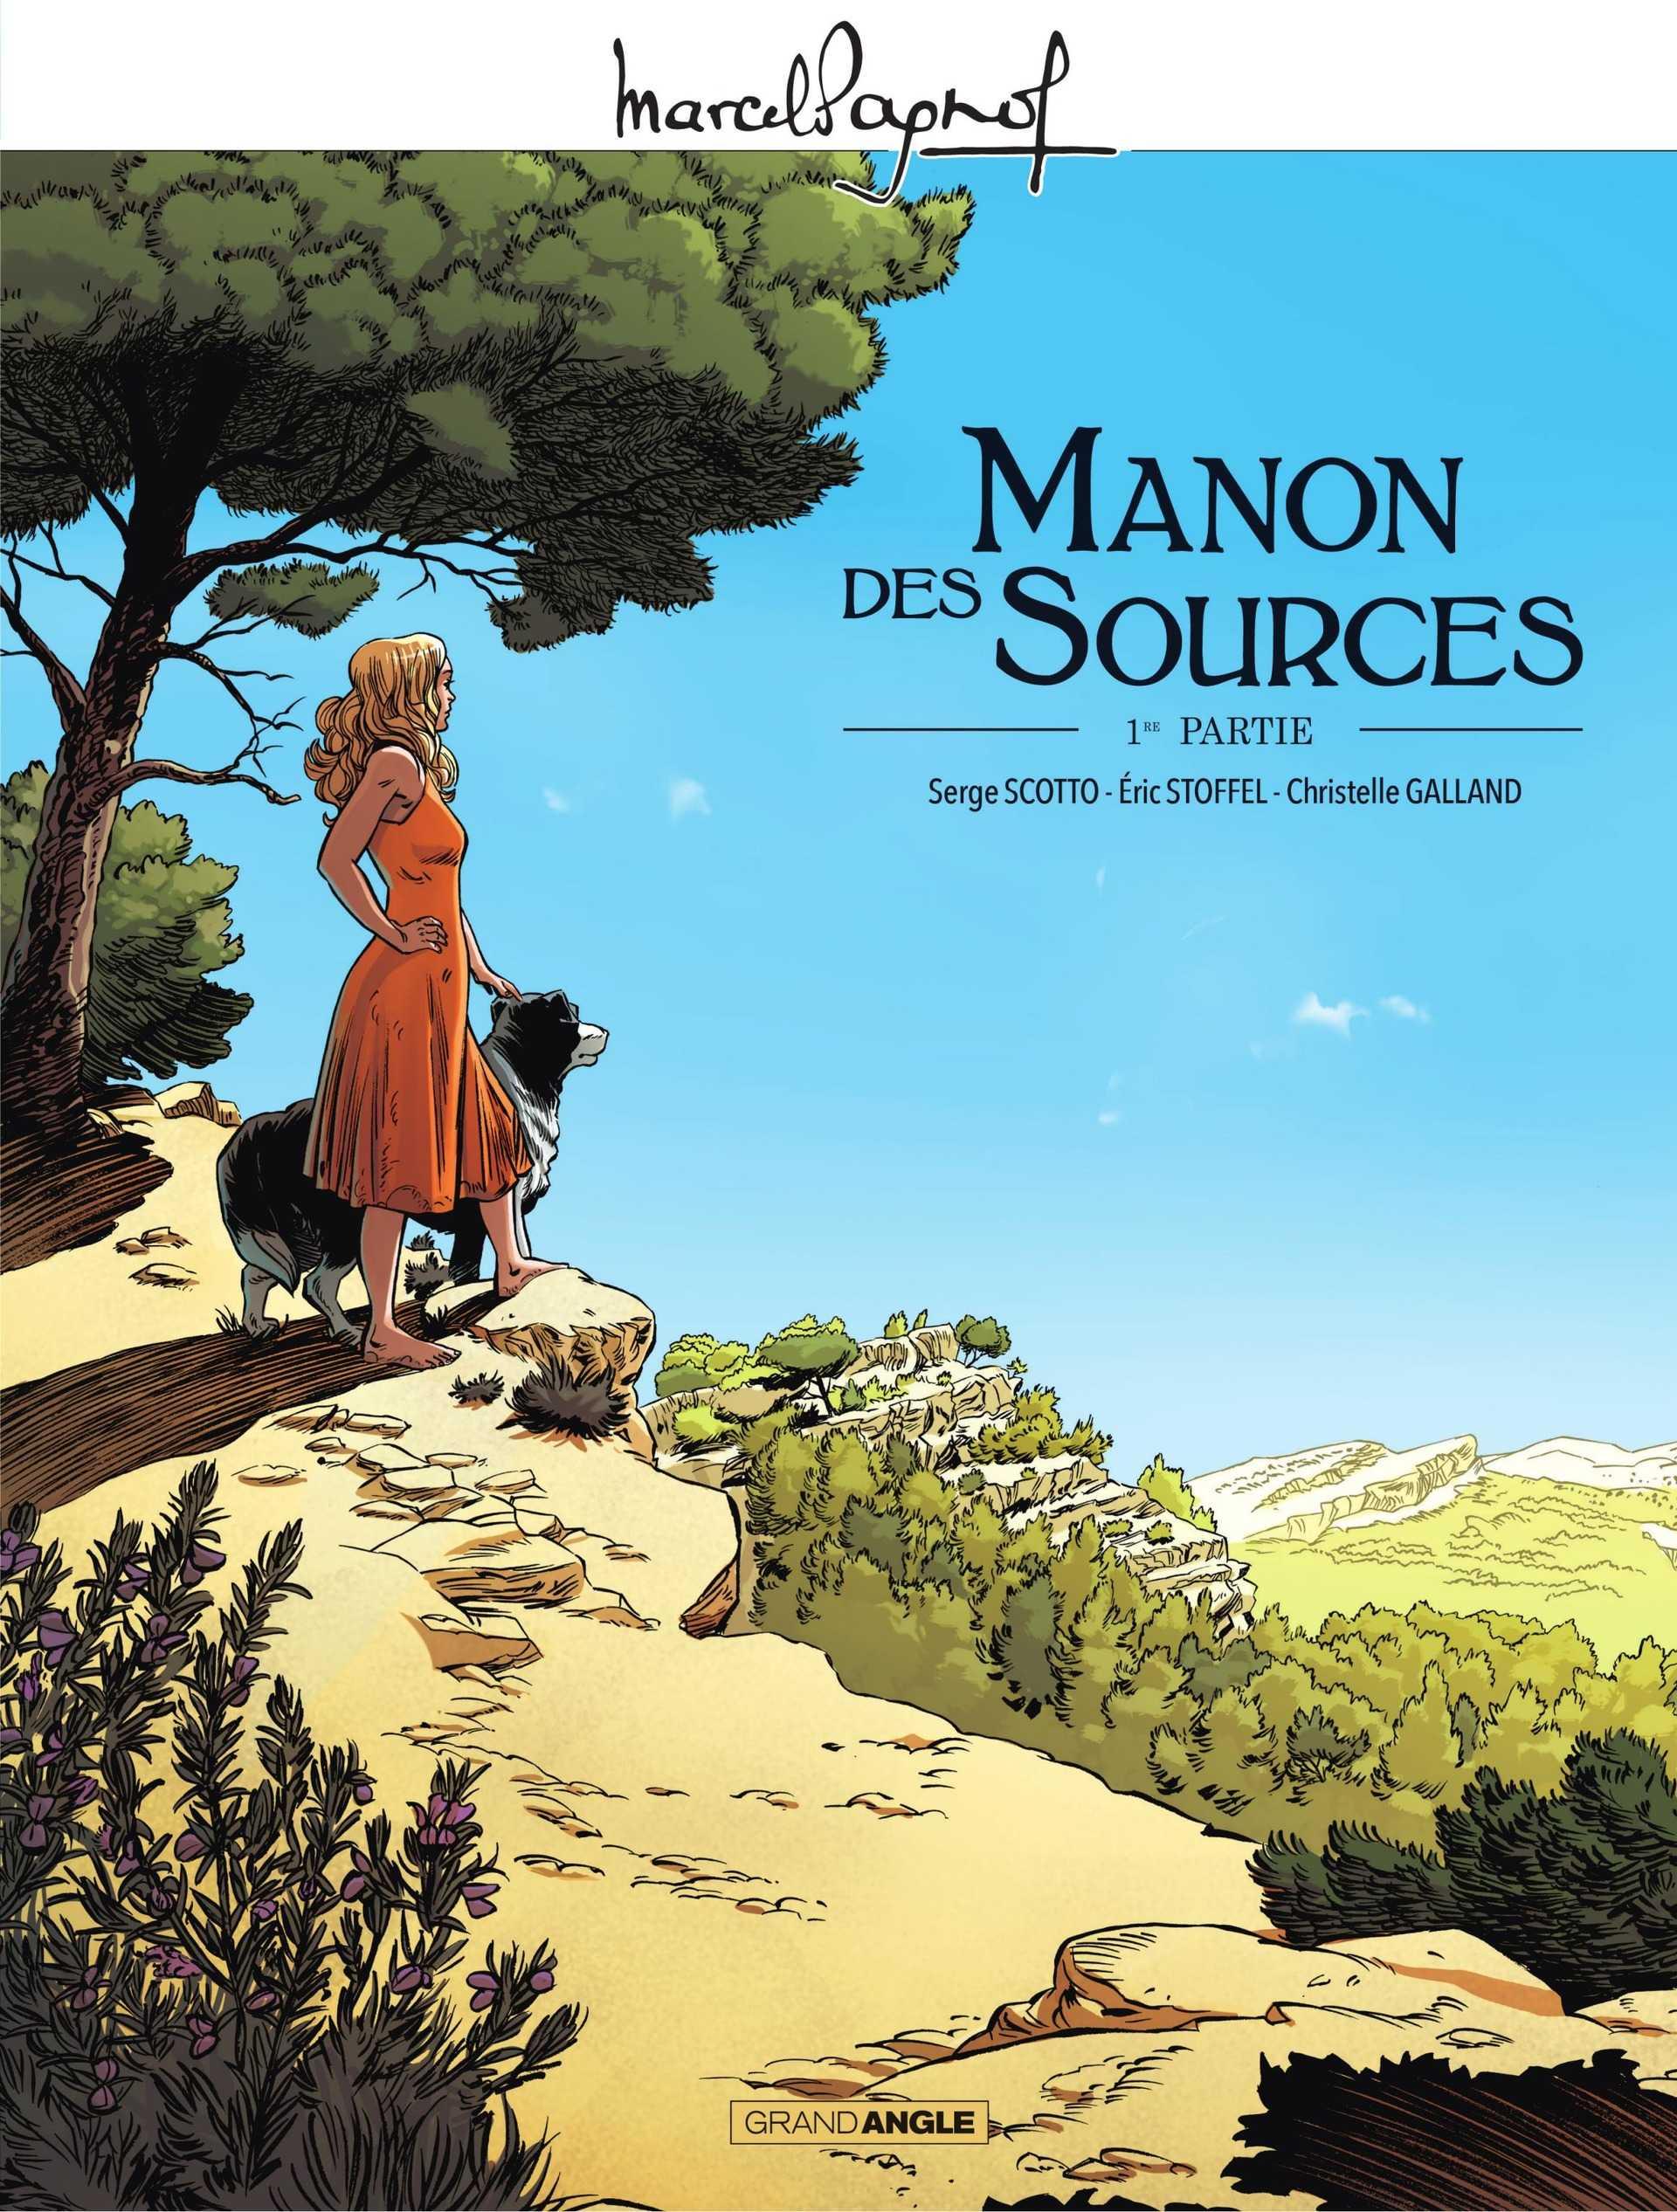 Manon des Sources, avant le drame